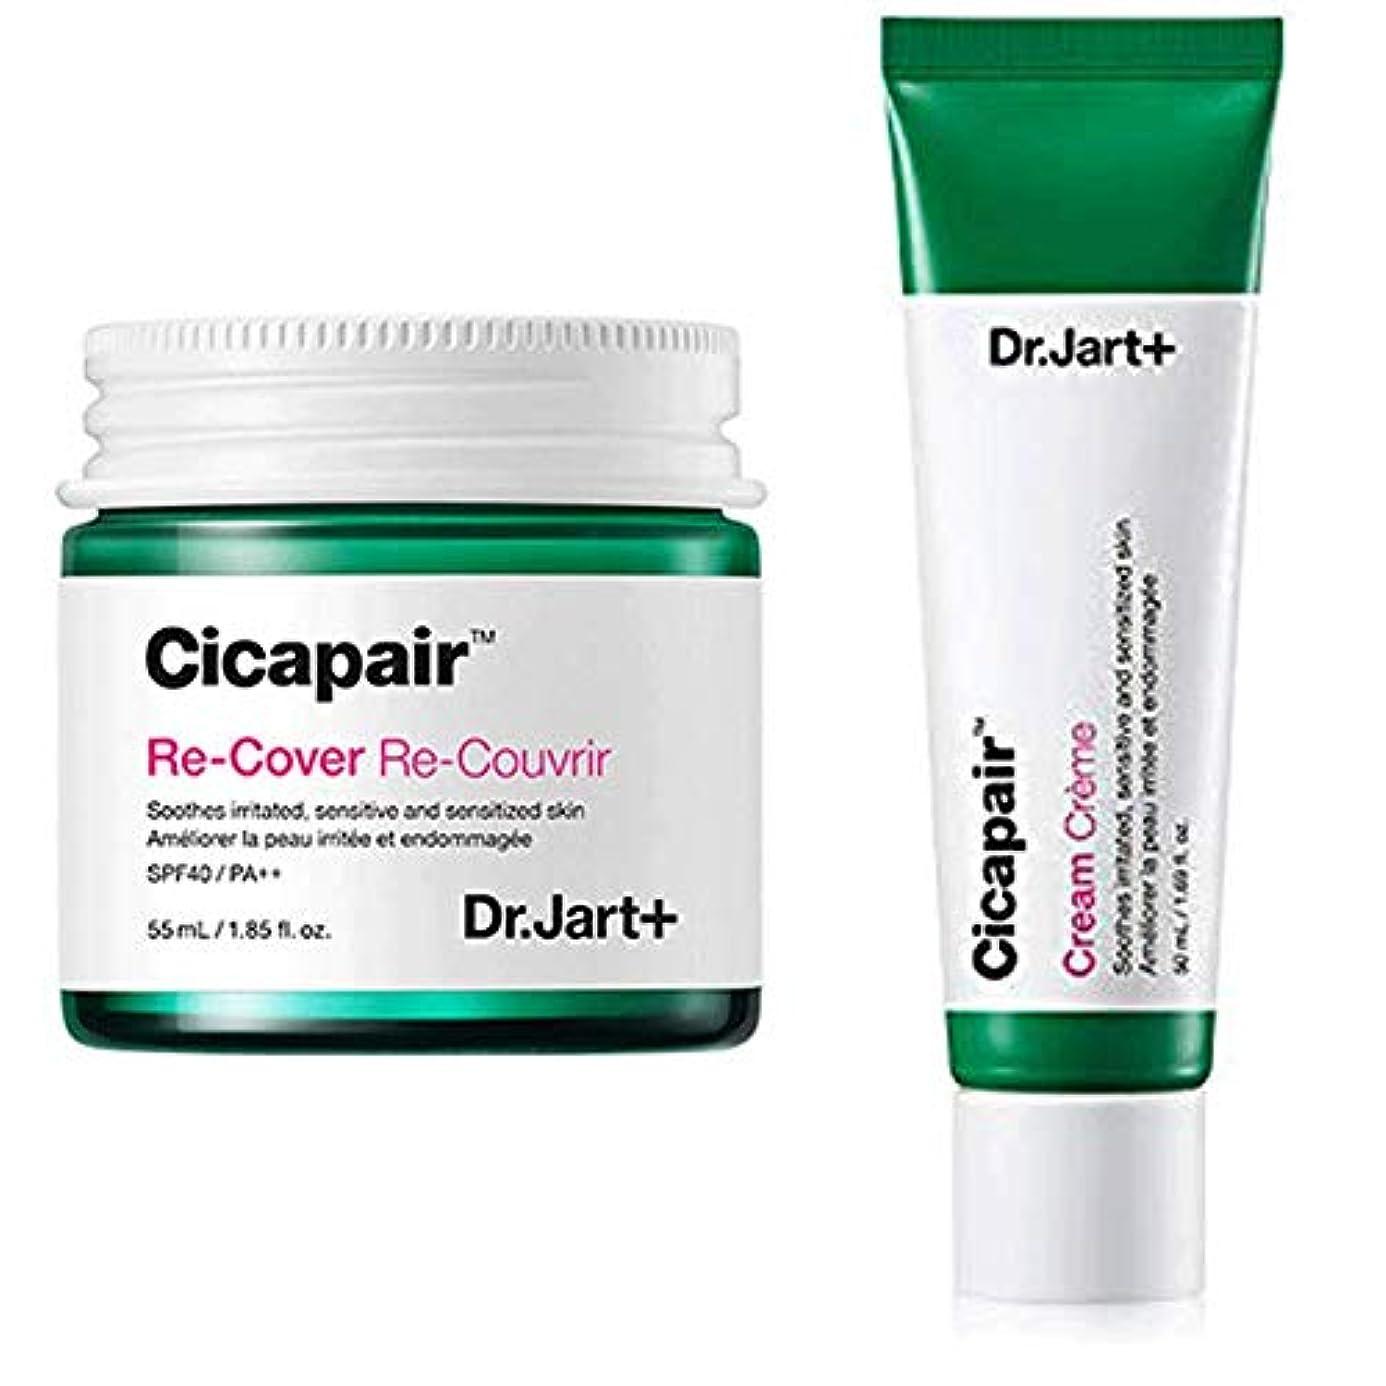 Dr.Jart+ Cicapair Cream + ReCover ドクタージャルトシカペアクリーム50ml + リカバー 55ml (2代目) セット [並行輸入品]